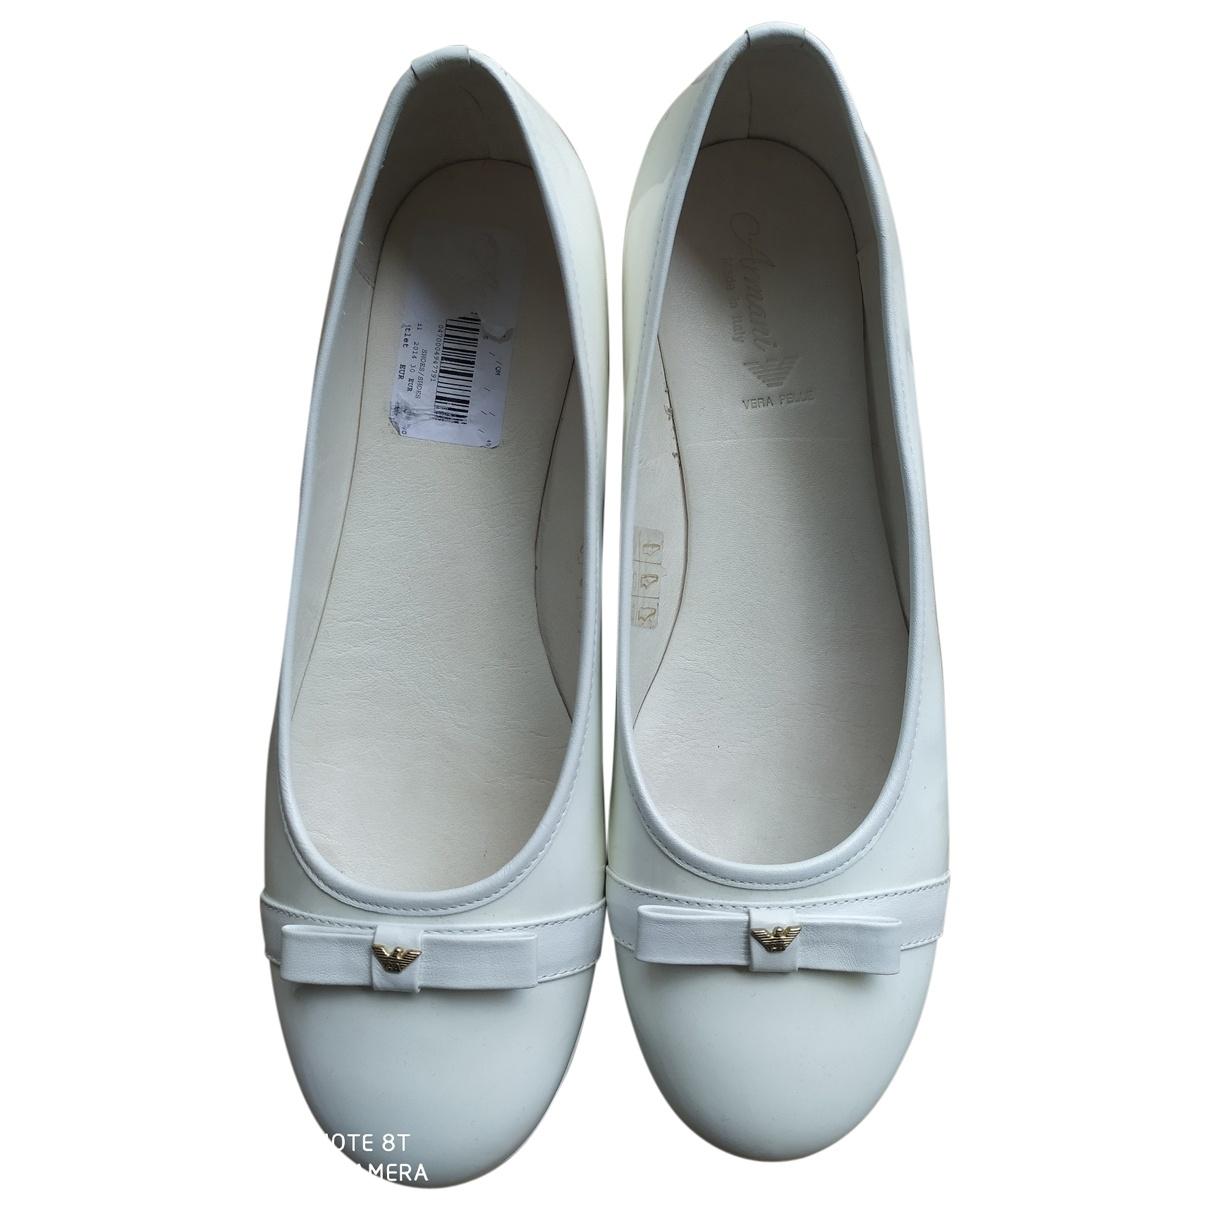 Giorgio Armani \N White Patent leather Ballet flats for Women 40 EU